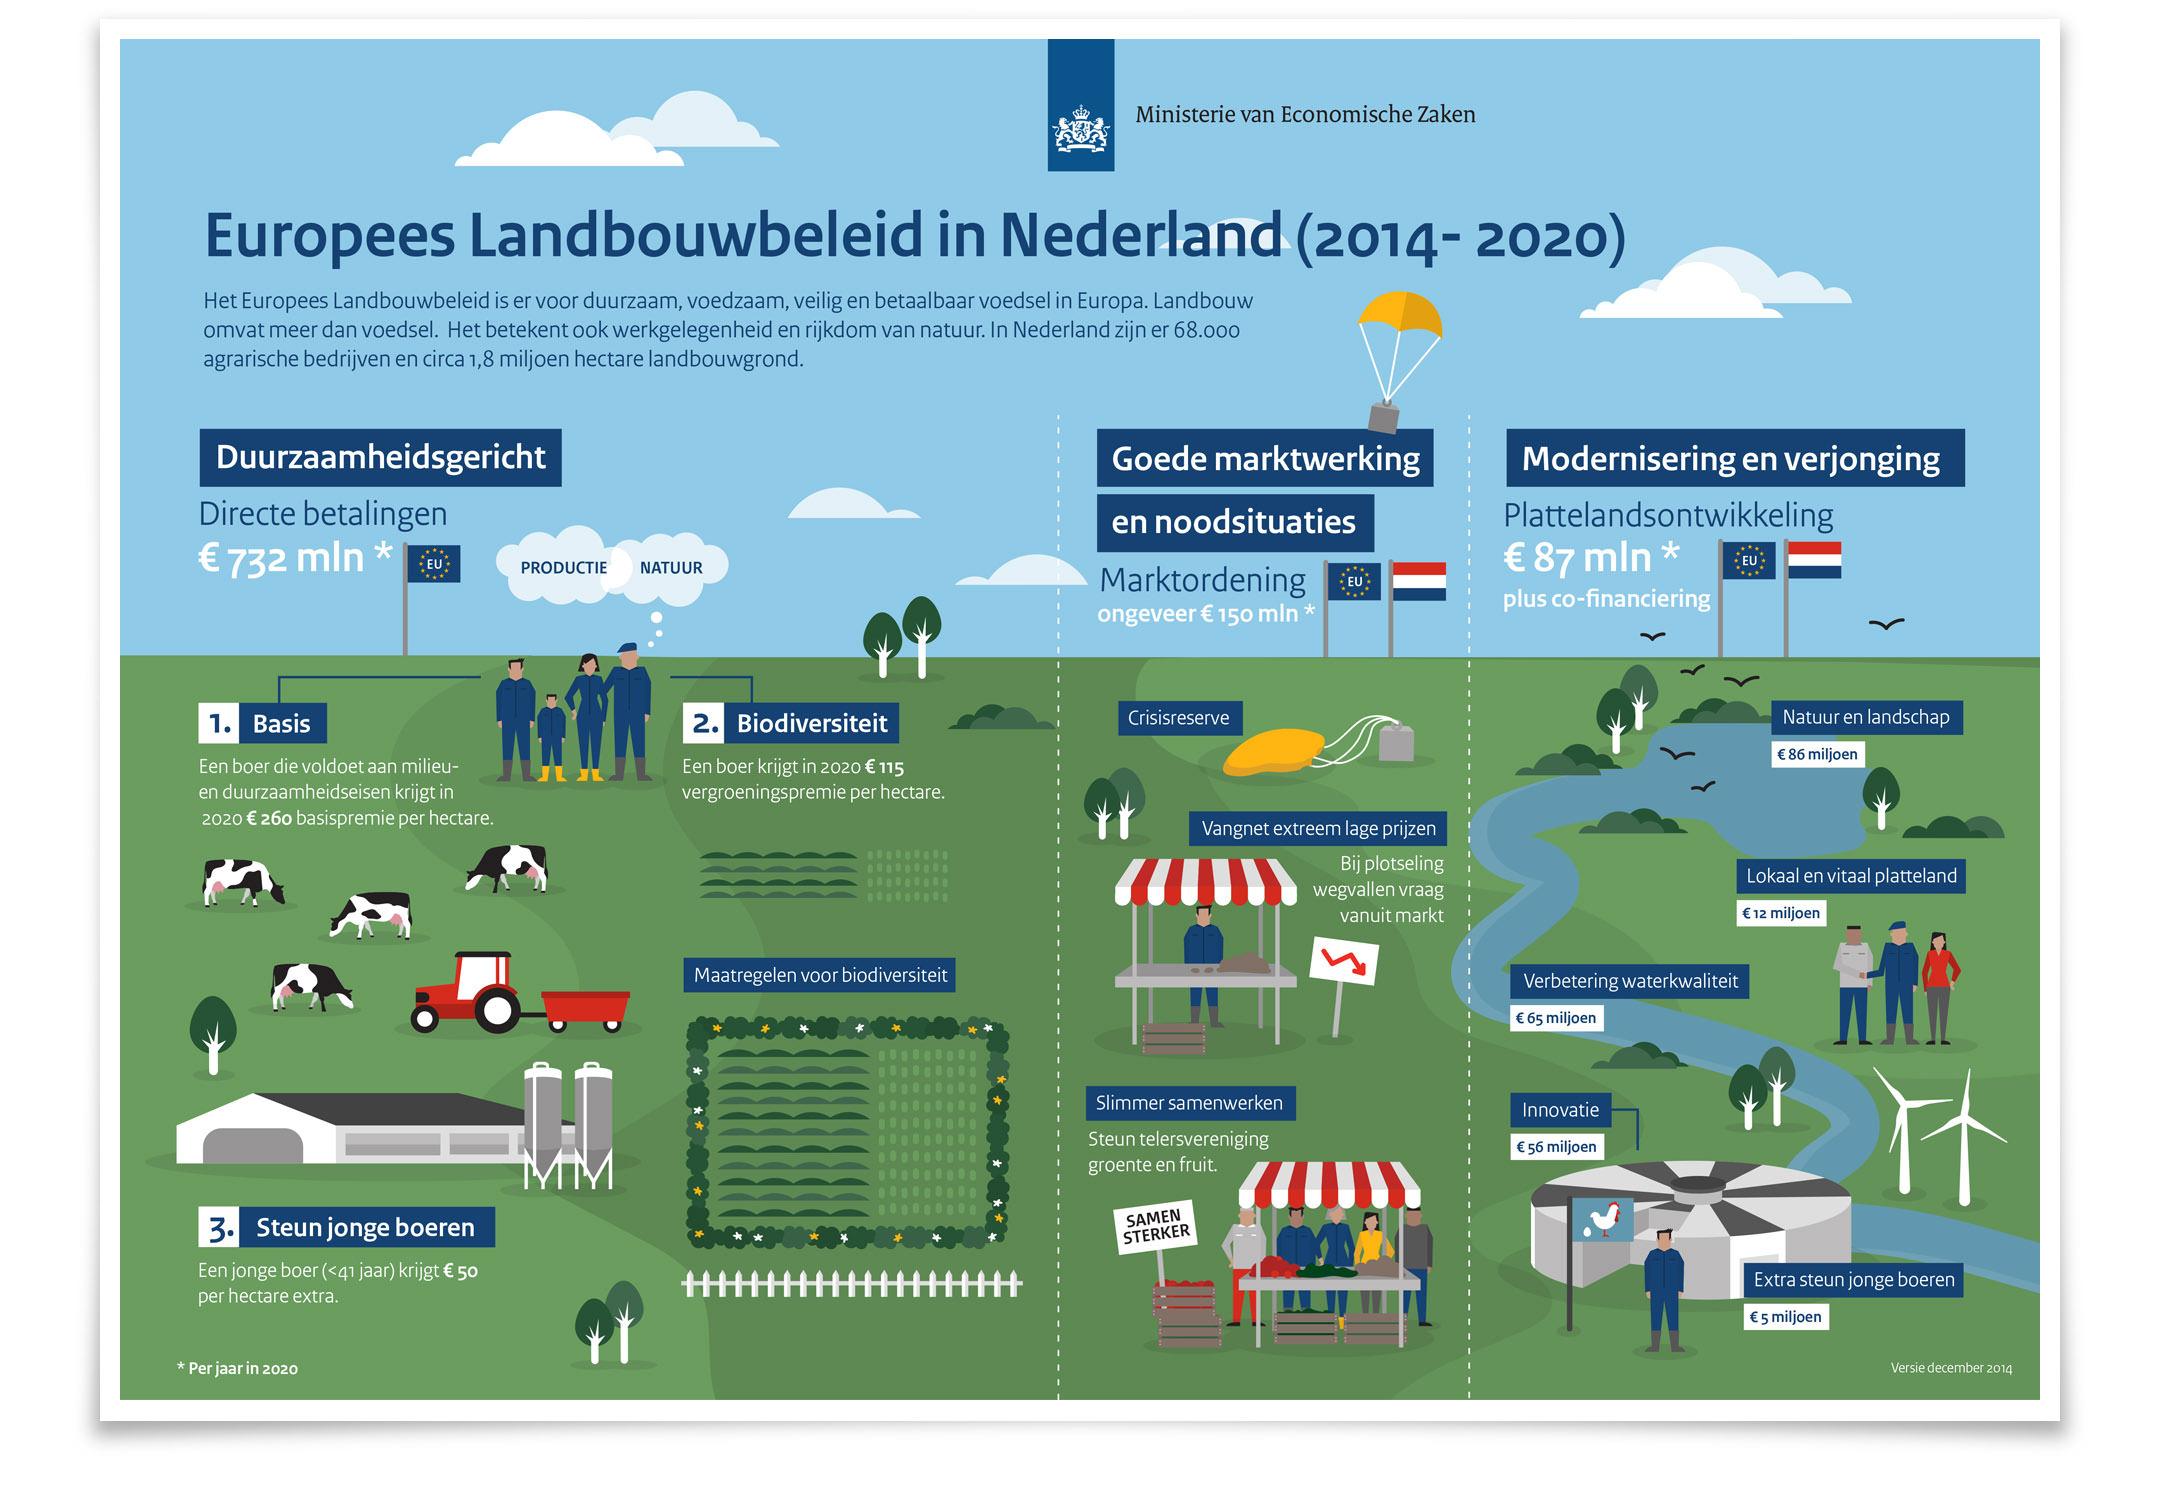 Europees landbouwbeleid infographic